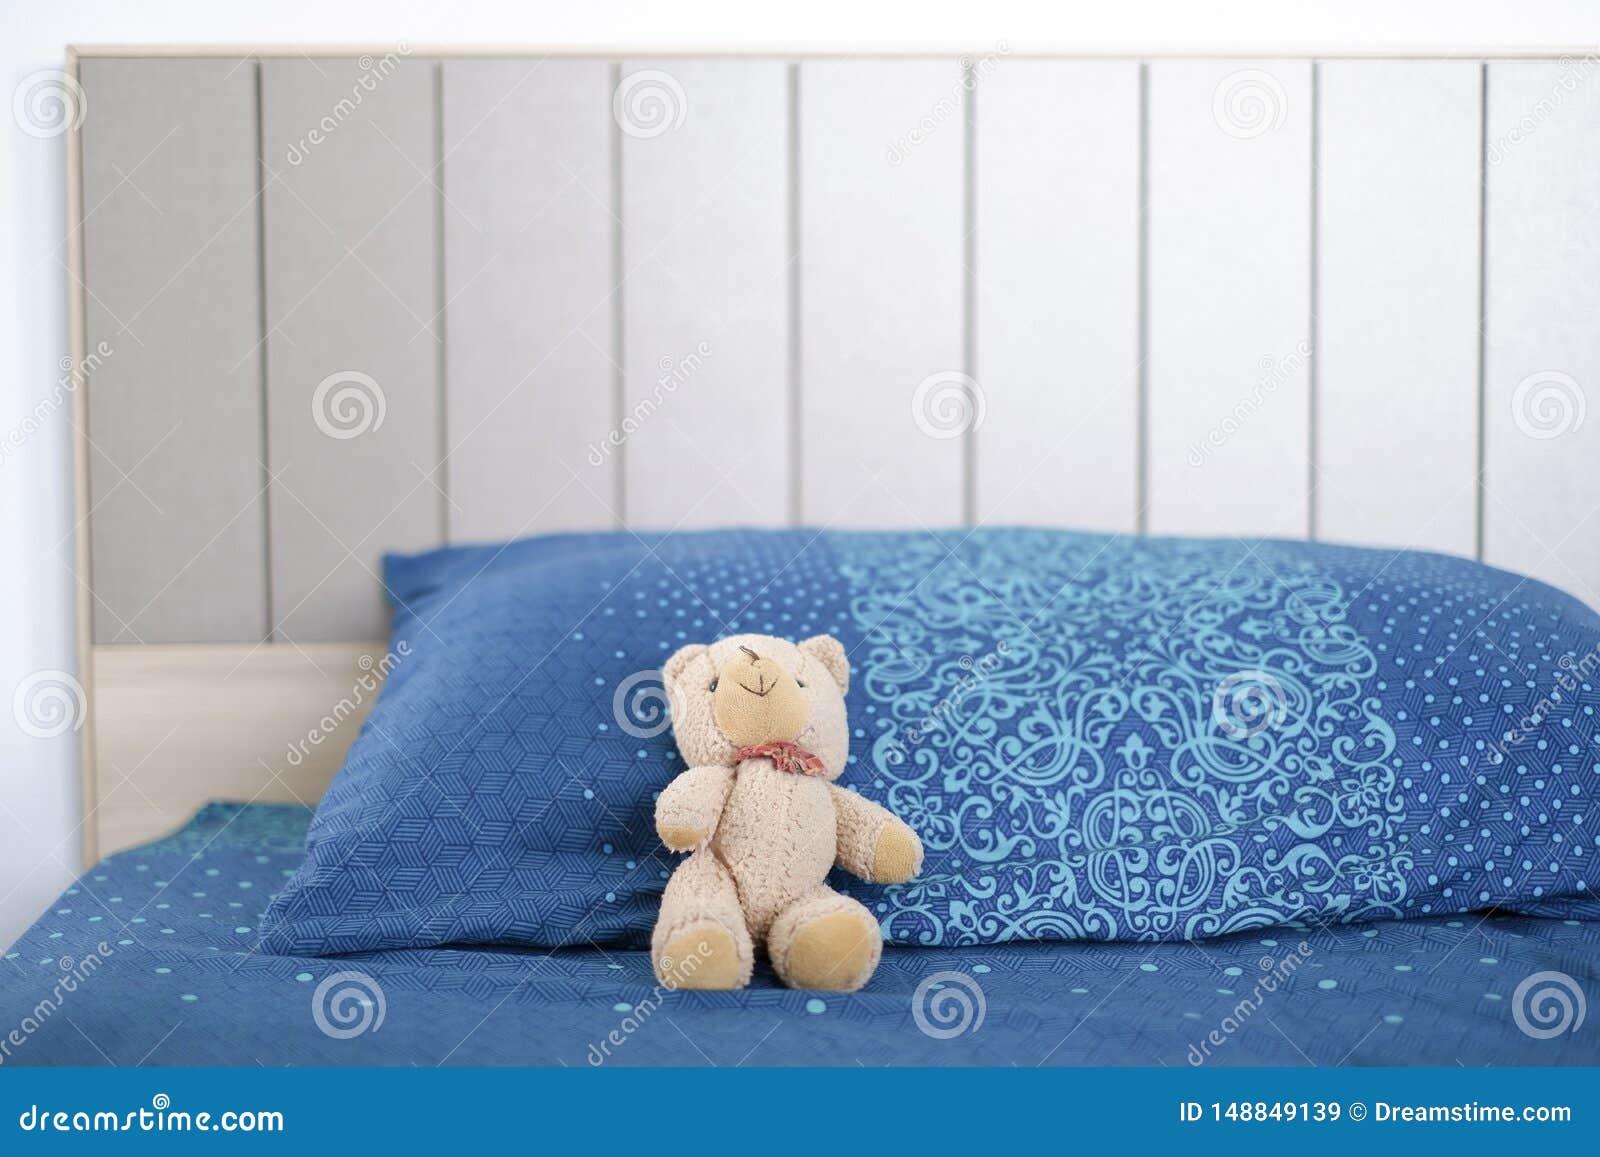 熊玩偶是睡觉偏僻在床上